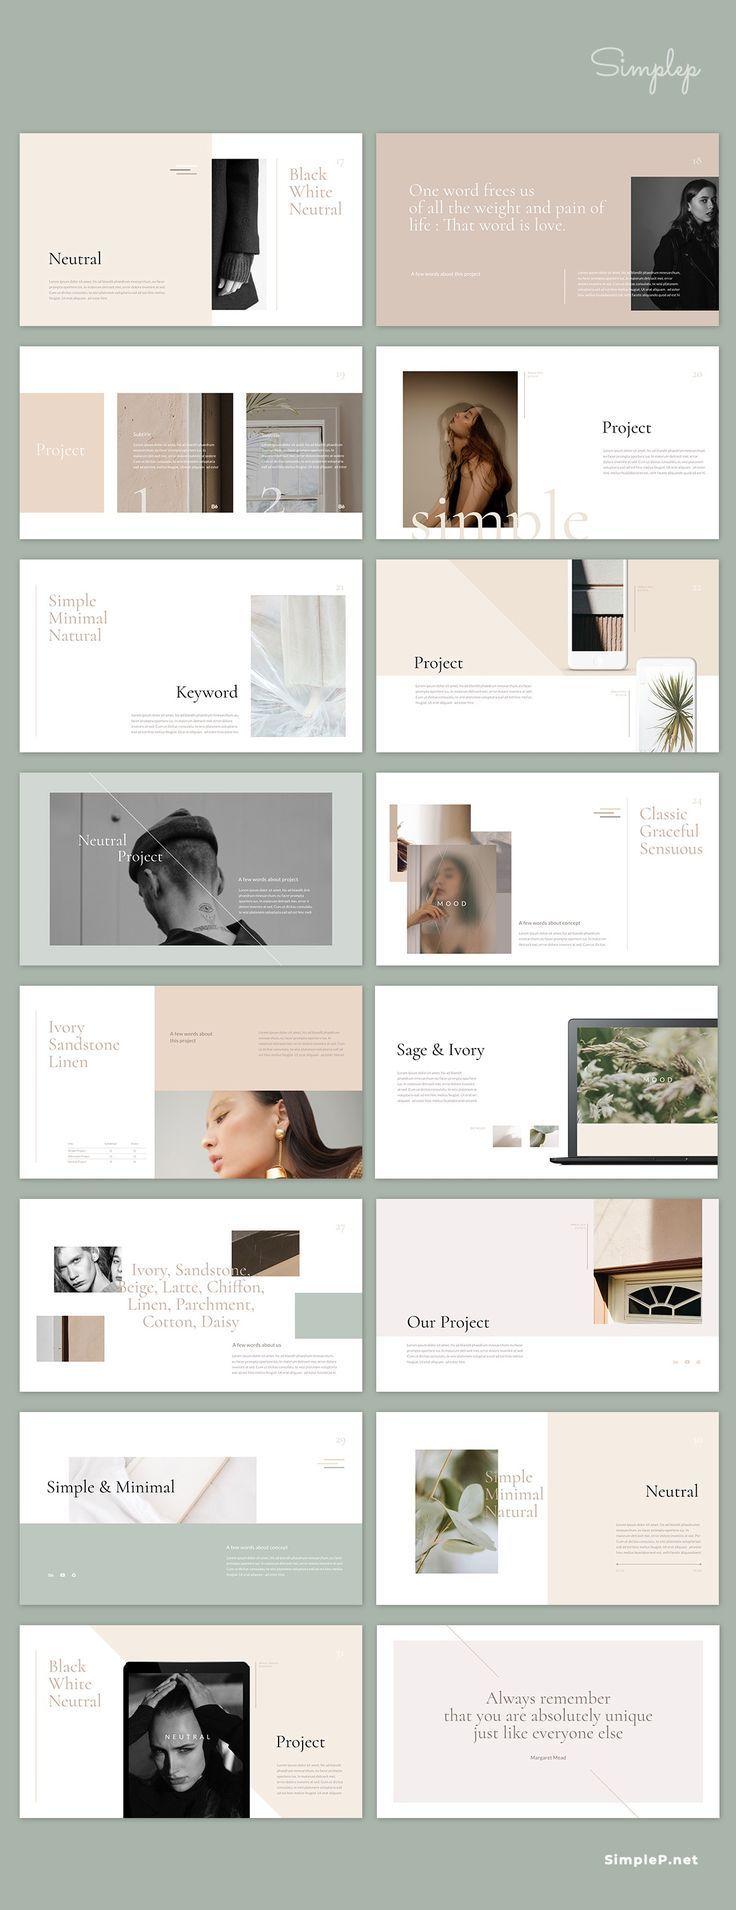 Einfaches und minimalistisches Layout: Neutrale